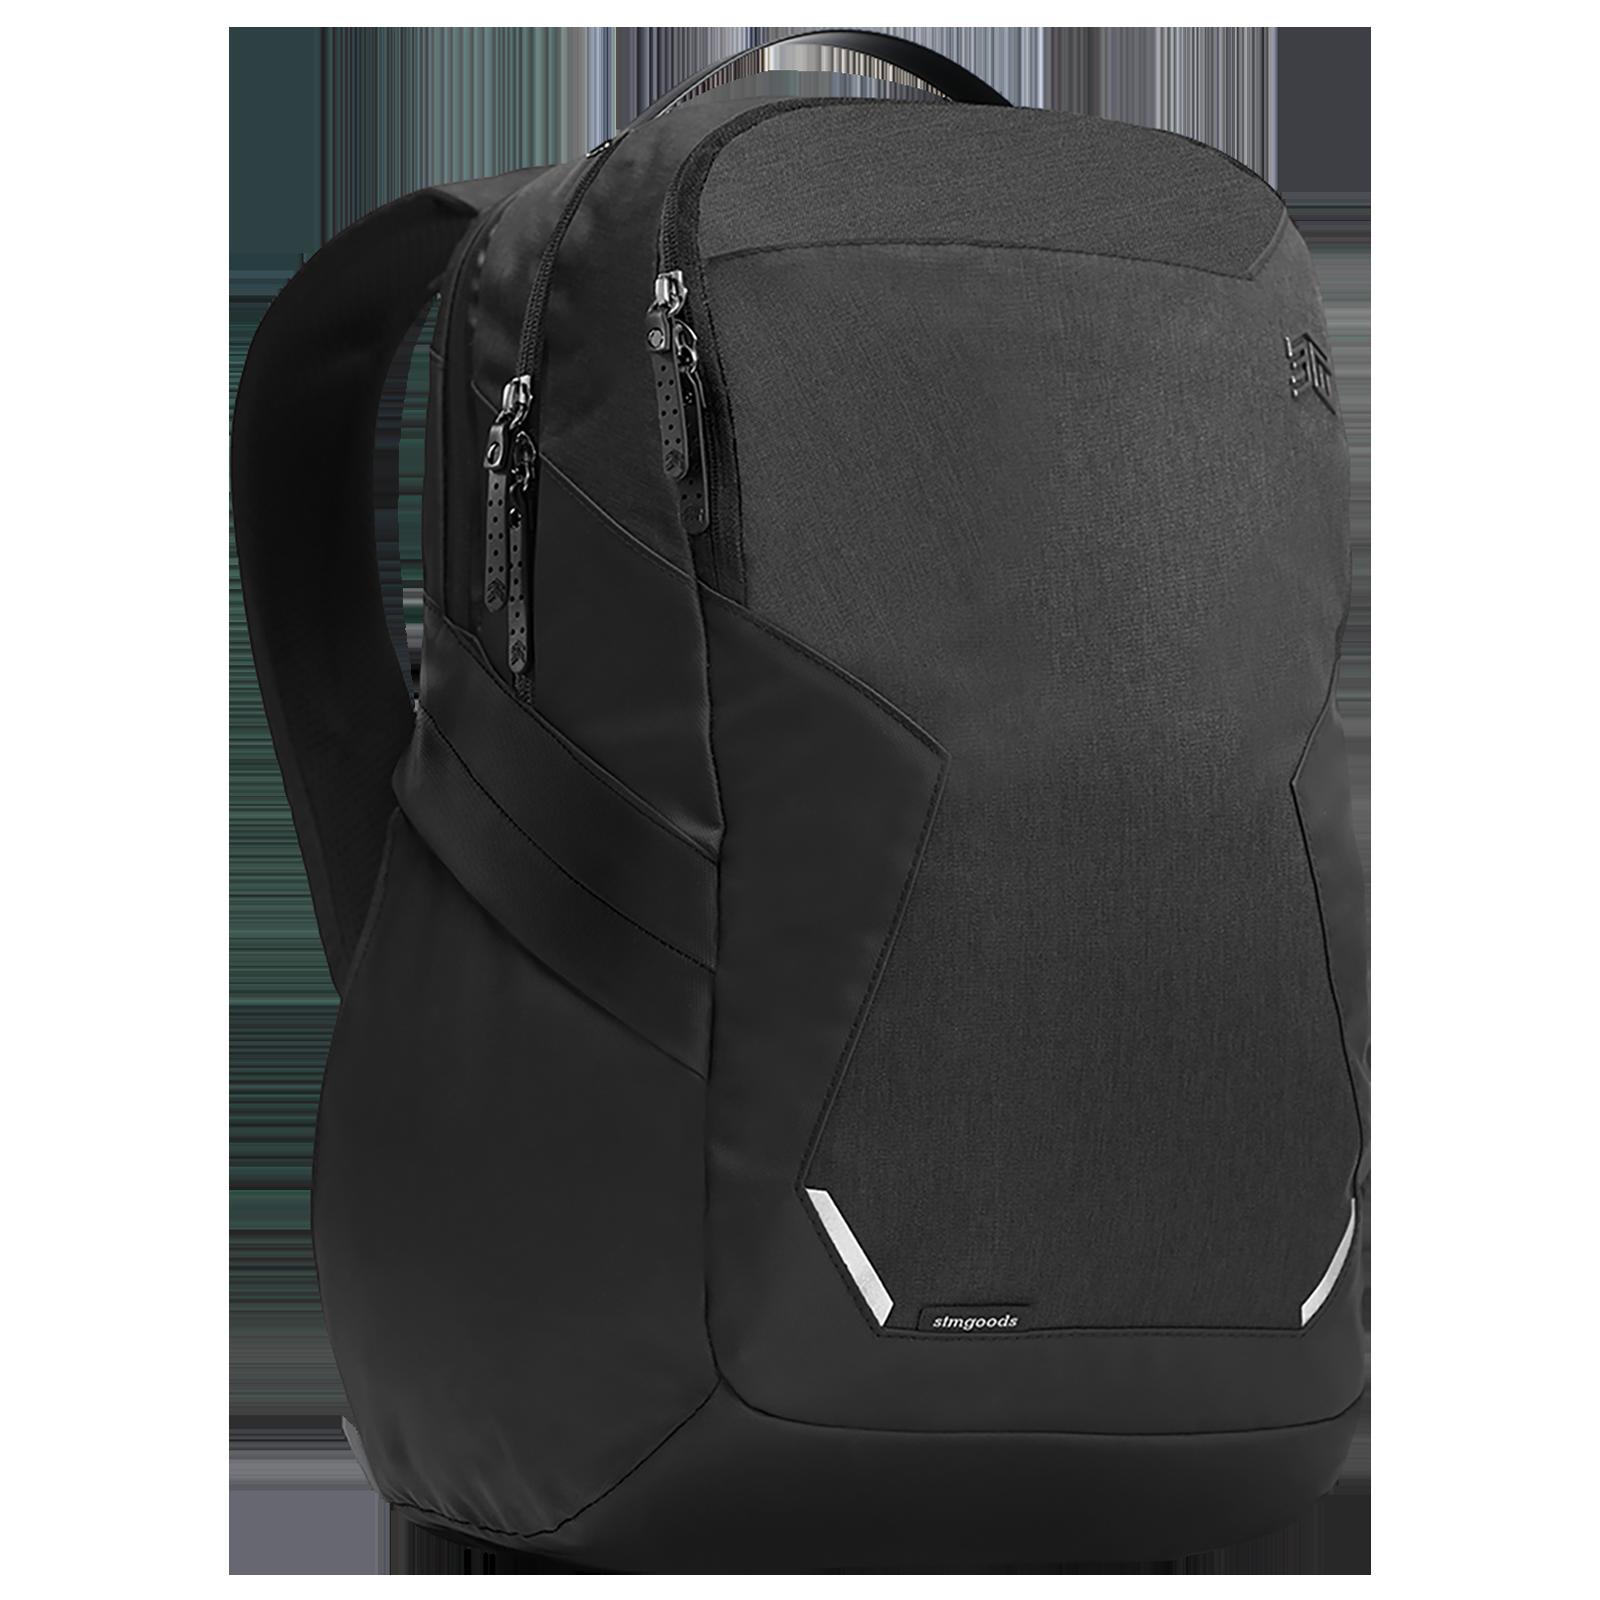 STM Myth 28 Litres Polyester Backpack for 15 Inch Laptop (Water Repellent, STM-117-187P-05, Black)_1